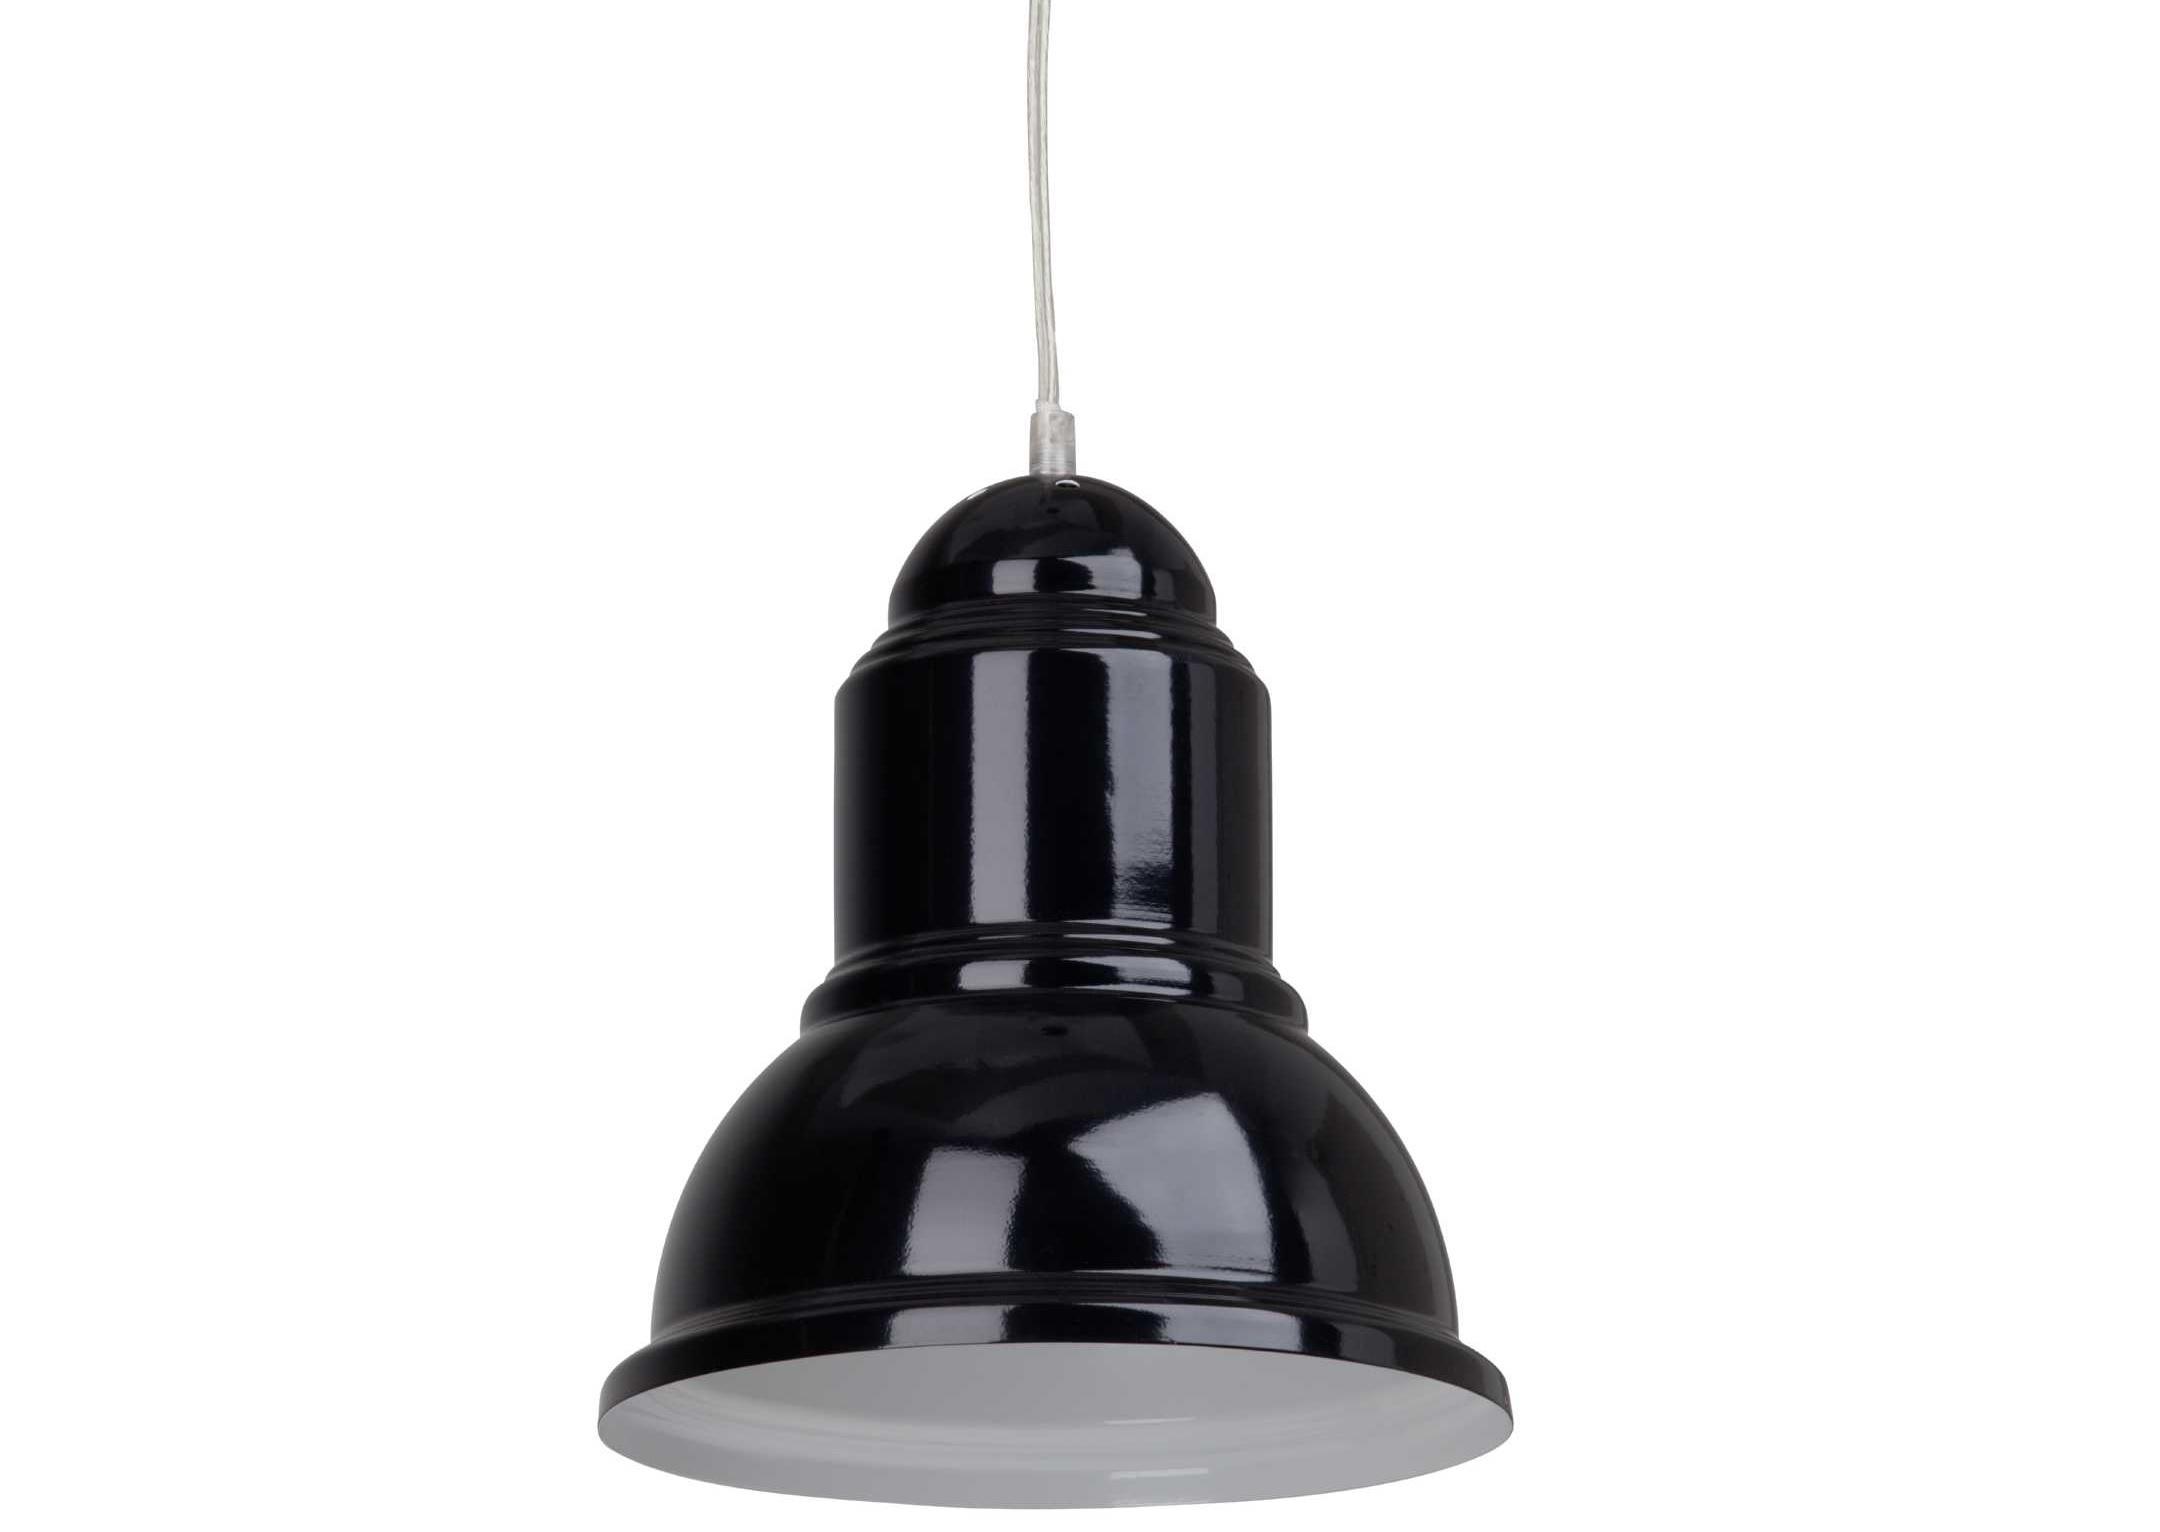 Светильник потолочный с подвесом AlmiraПодвесные светильники<br>&amp;lt;div&amp;gt;&amp;lt;div&amp;gt;Вид цоколя: E27&amp;lt;/div&amp;gt;&amp;lt;div&amp;gt;Мощность лампы: 60W&amp;lt;/div&amp;gt;&amp;lt;div&amp;gt;Количество ламп: 1&amp;lt;/div&amp;gt;&amp;lt;/div&amp;gt;&amp;lt;div&amp;gt;&amp;lt;/div&amp;gt;<br><br>Material: Металл<br>Height см: 23<br>Diameter см: 23